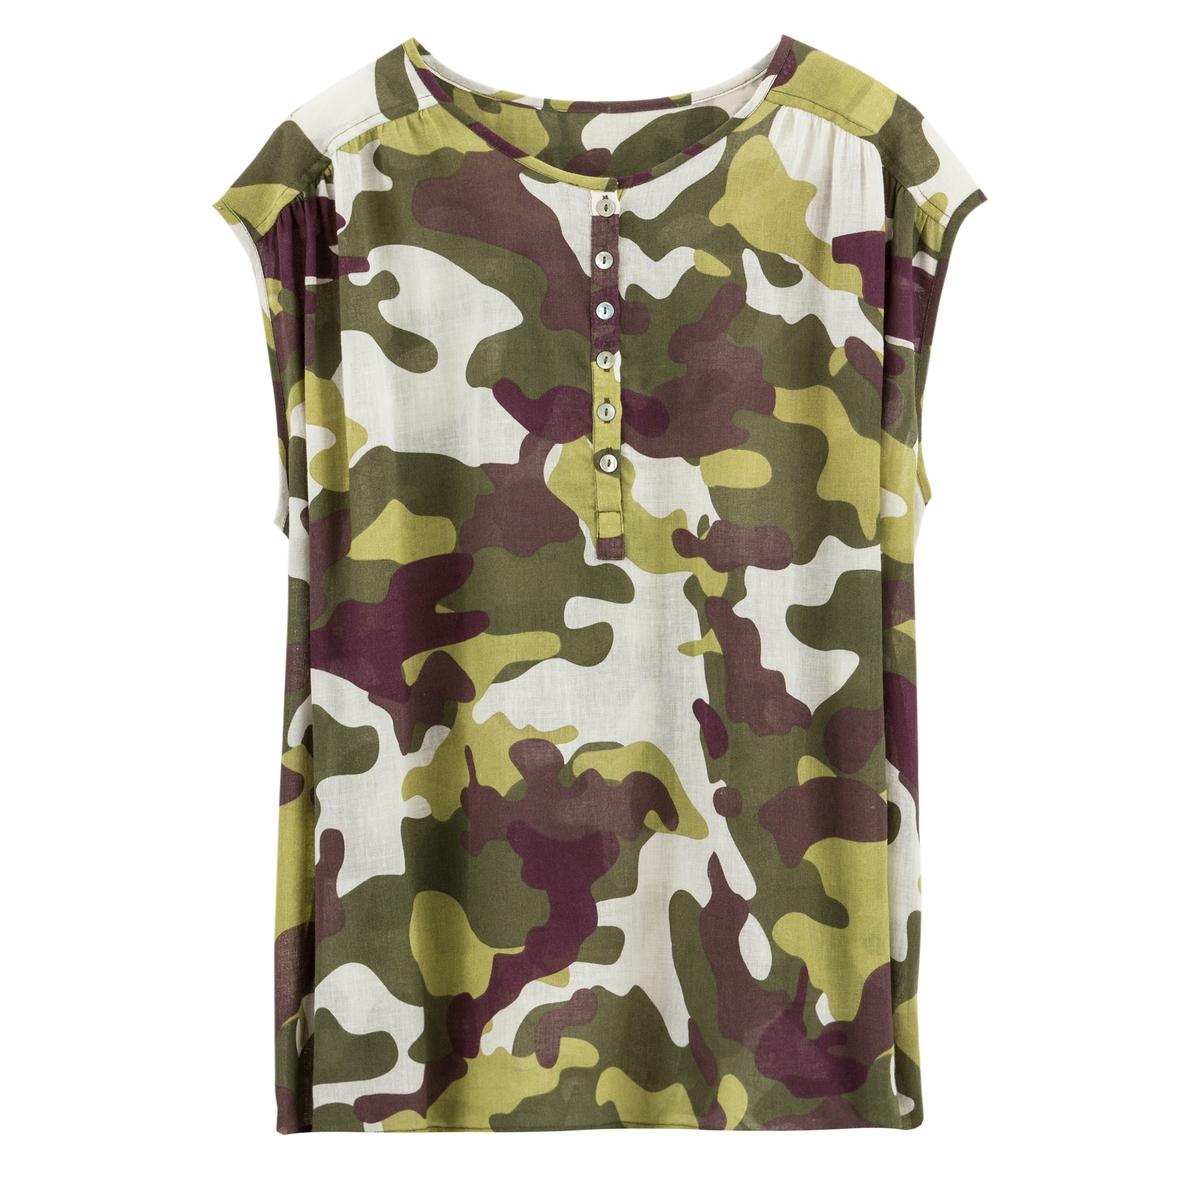 Blusa com botões, estampado camuflagem